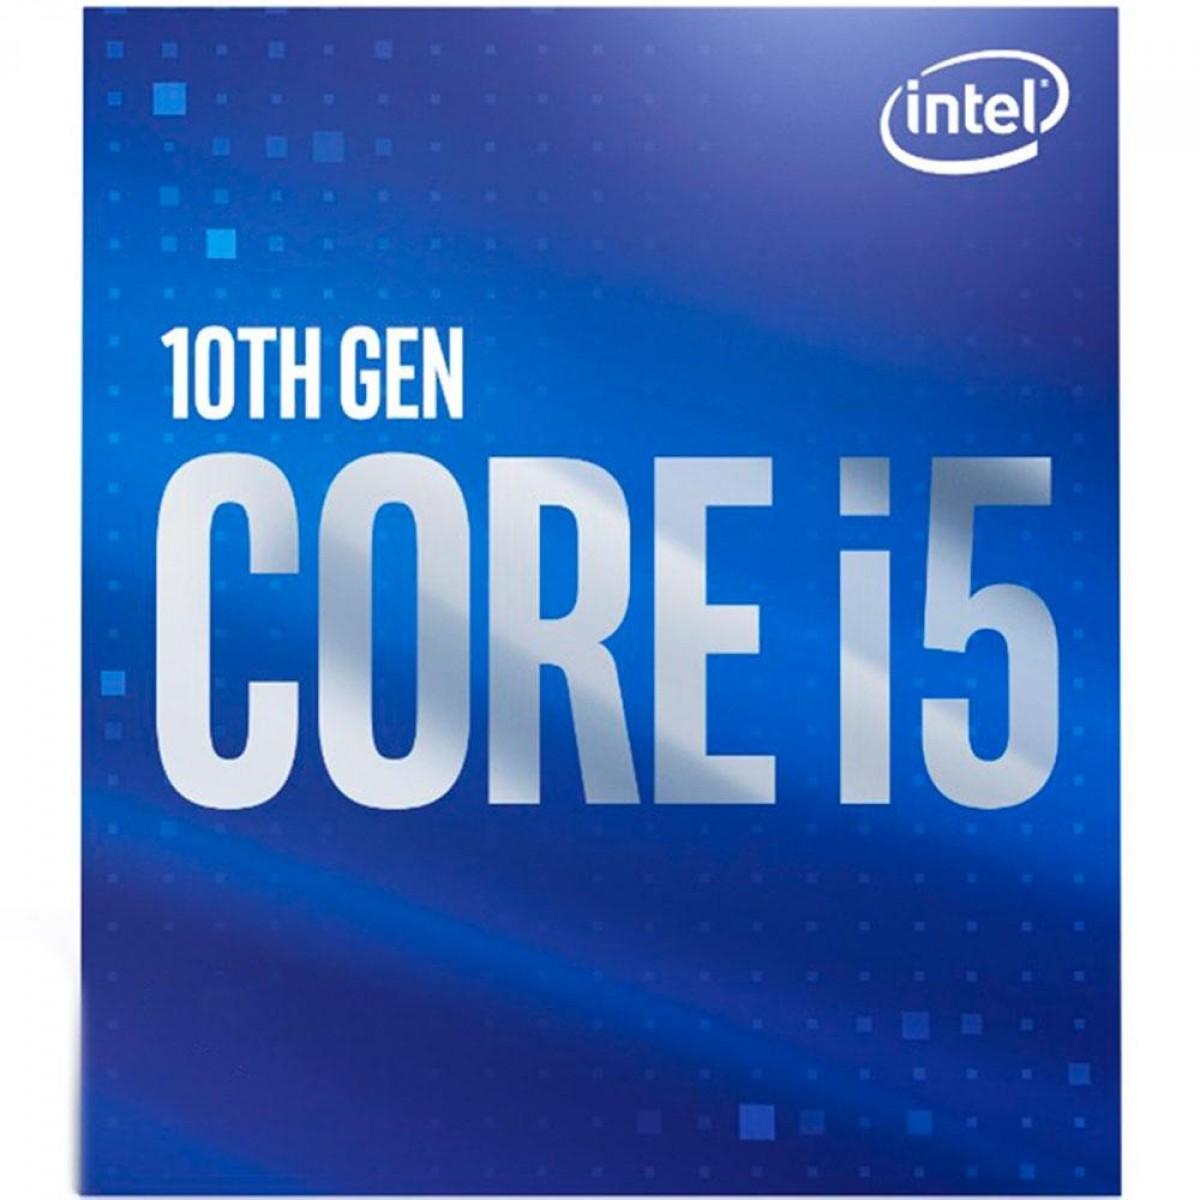 Processador Intel Core i5 10400F 2.90GHz (4.30GHz Turbo) 10ª Geração 6-Cores 12-Threads LGA 1200